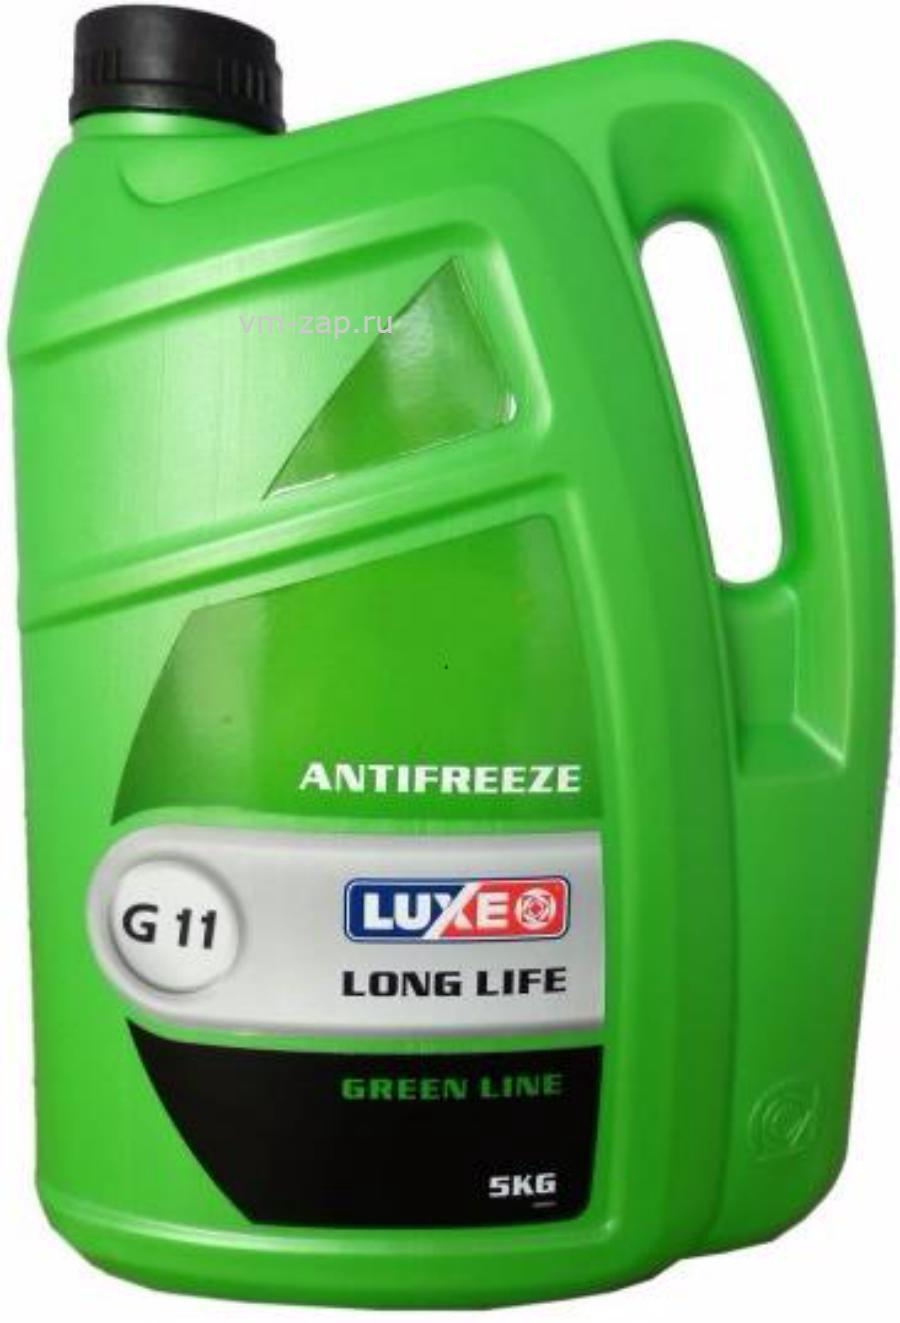 Антифриз готовый к применению LUXE Antifreeze Green Line G11 (5л)